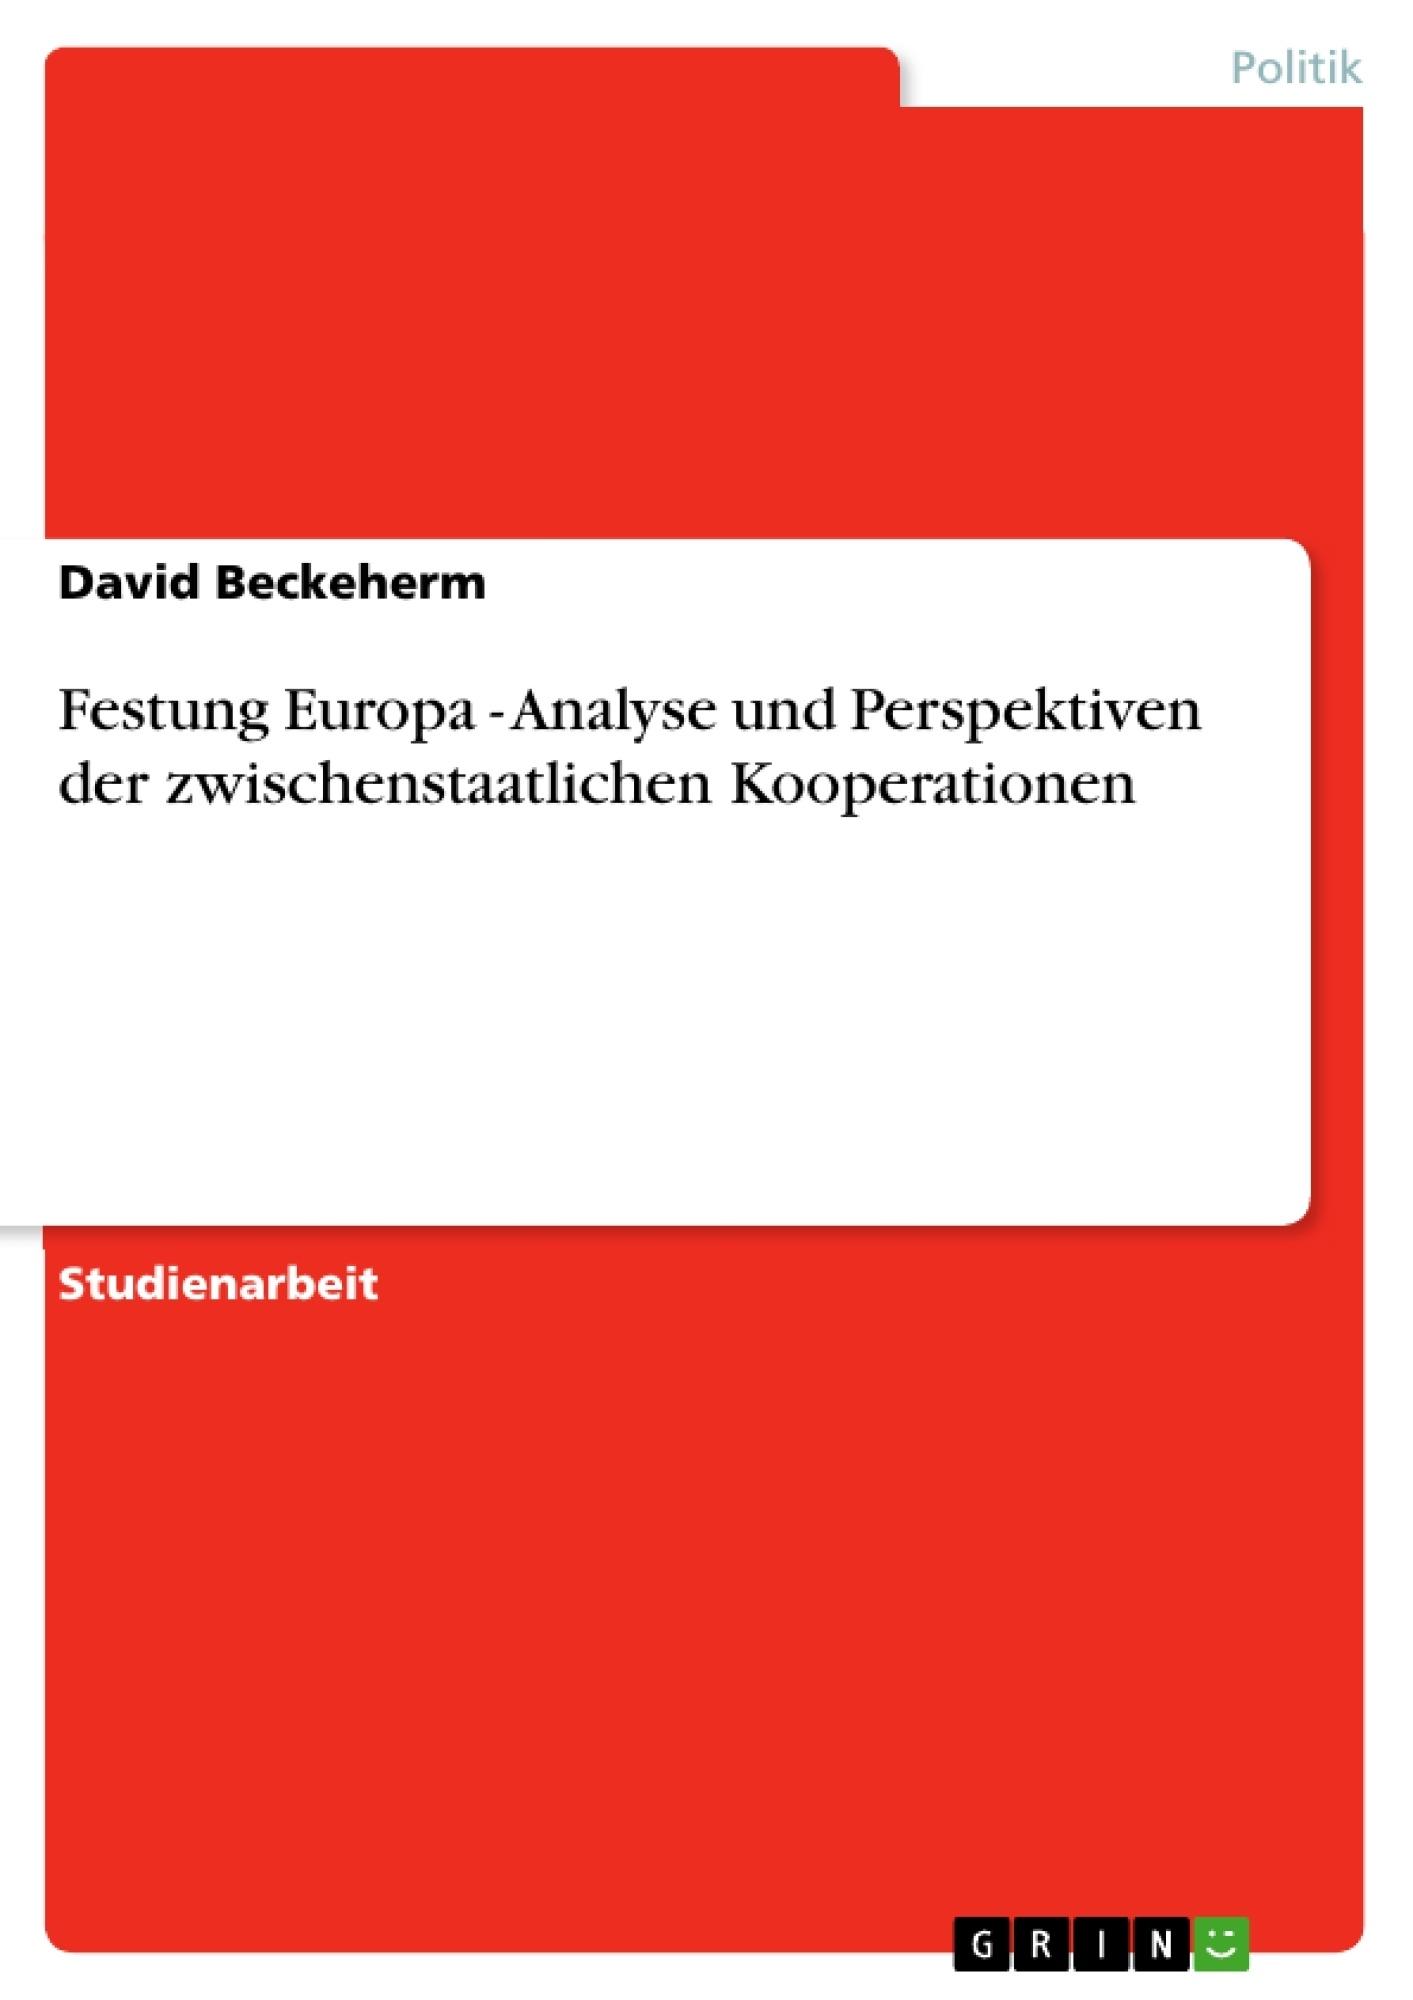 Titel: Festung Europa - Analyse und Perspektiven der zwischenstaatlichen Kooperationen